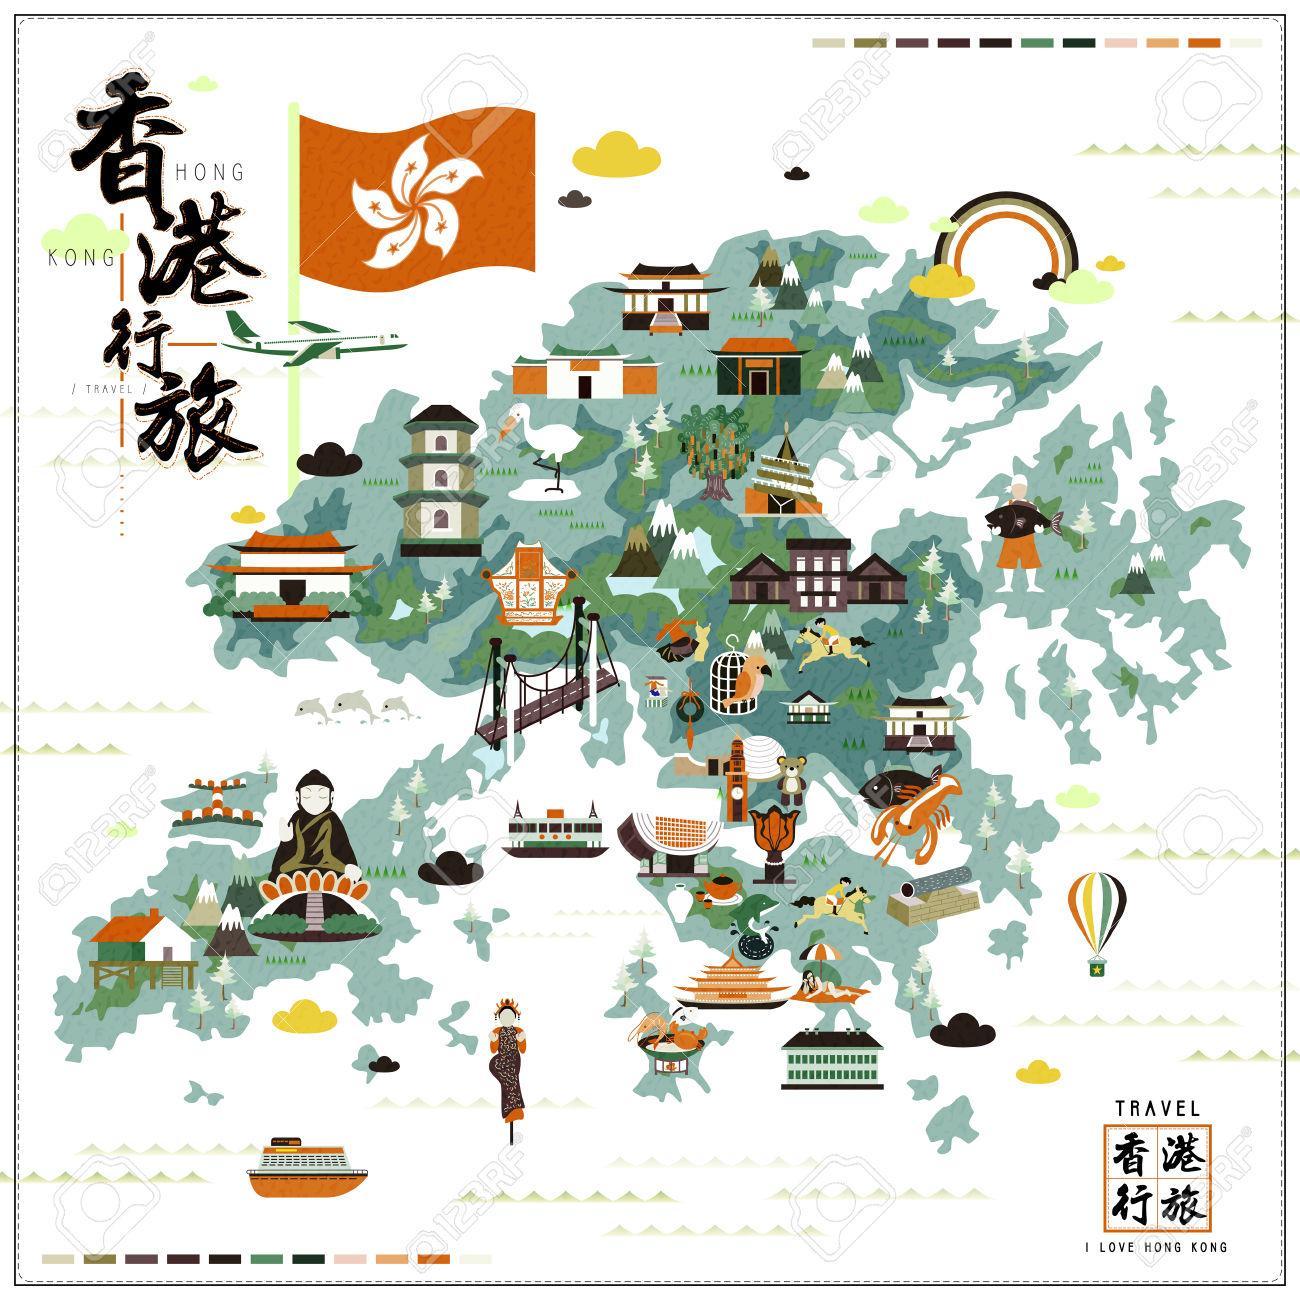 Hong Kong attractions map Hong Kong tourist attractions map China